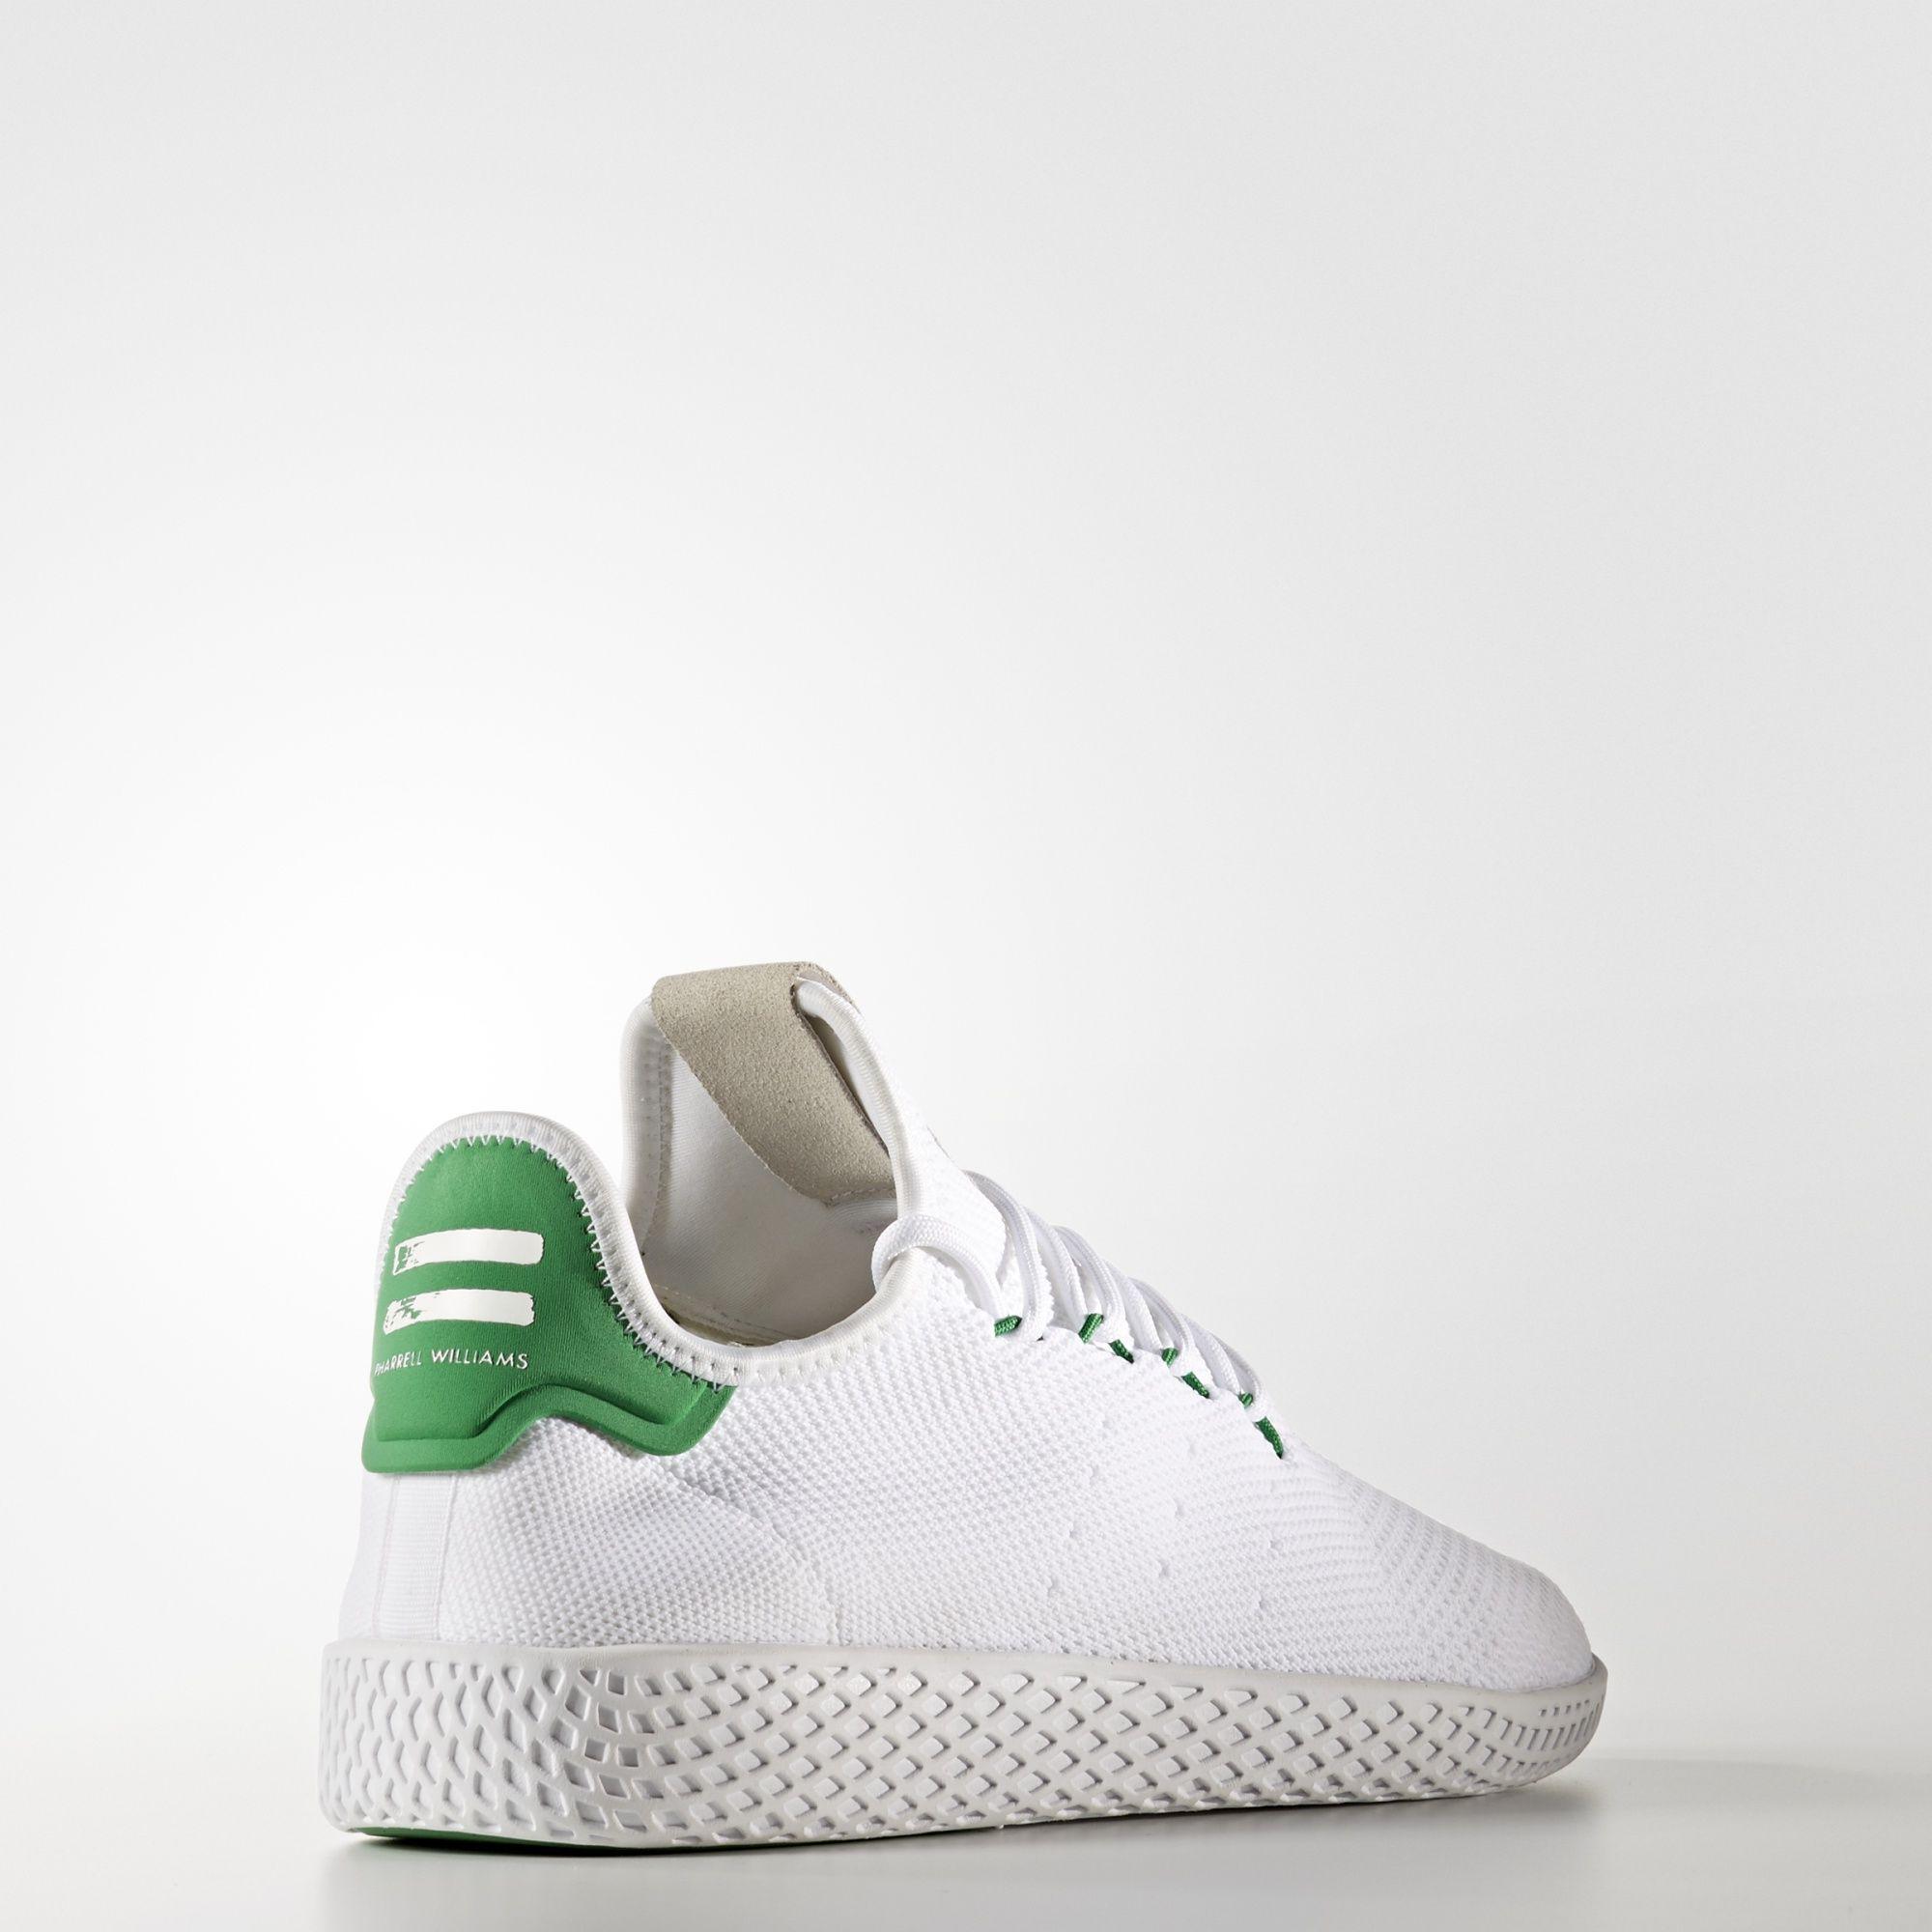 Pharrell Williams x adidas Tennis HU Primeknit Green BA7828 3